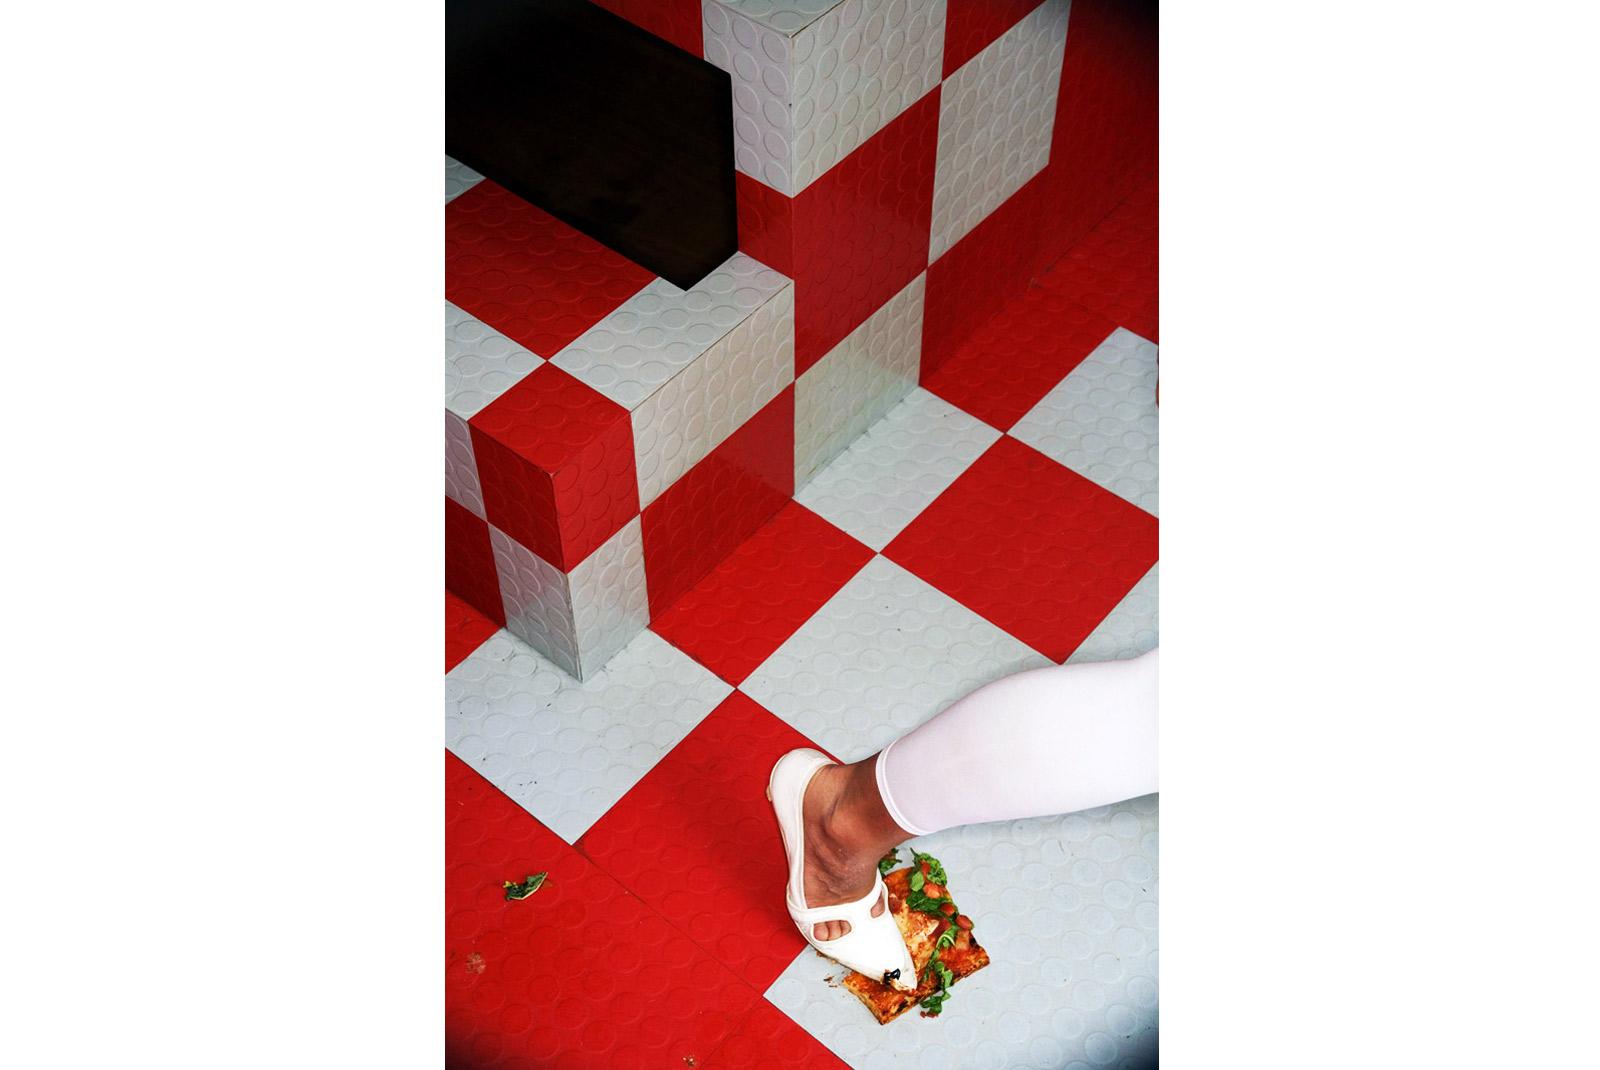 8-PizzaLove-2.jpg